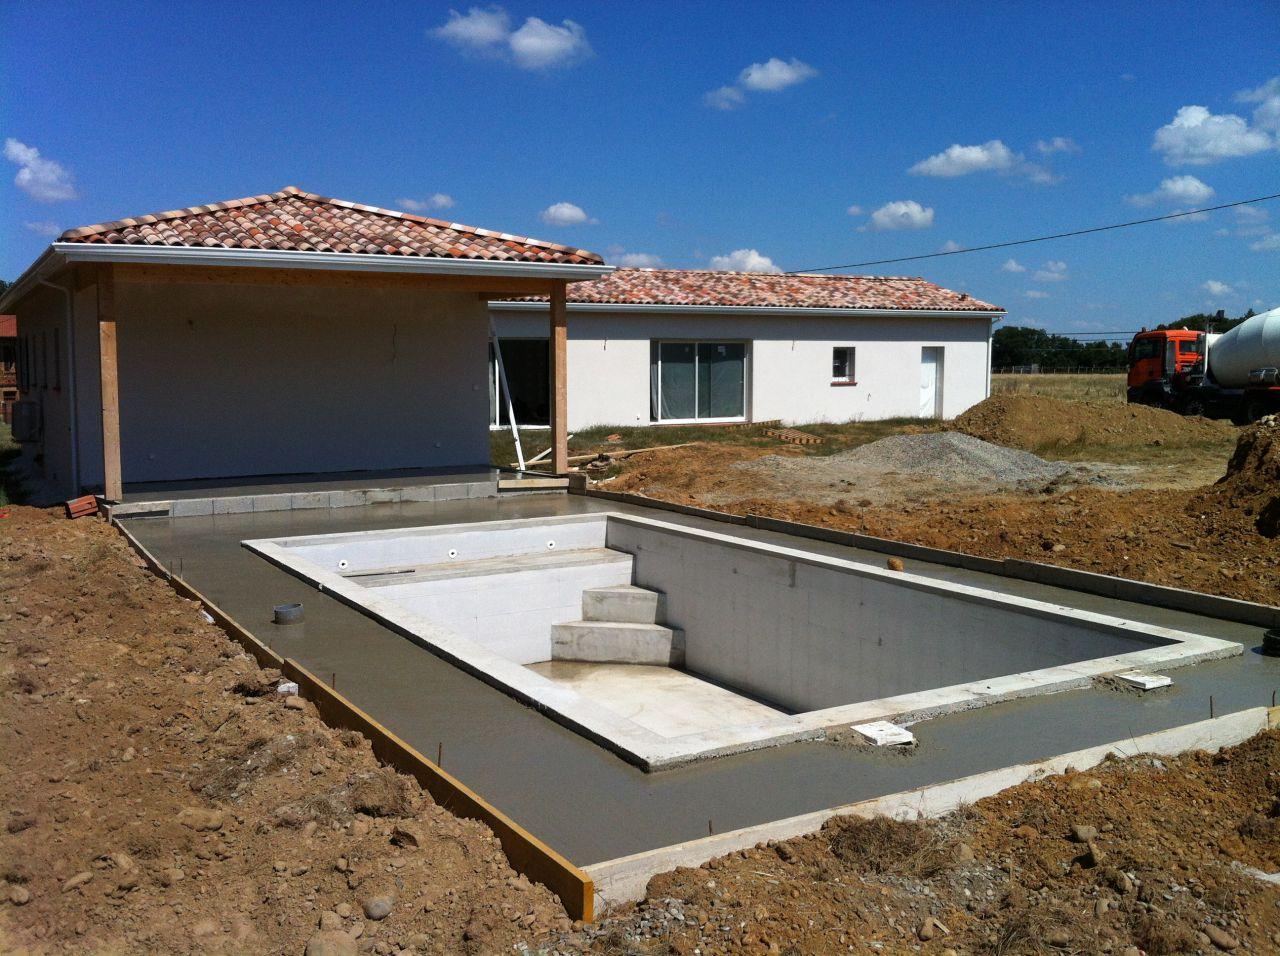 chape béton de la piscine et de la terrasse couverte